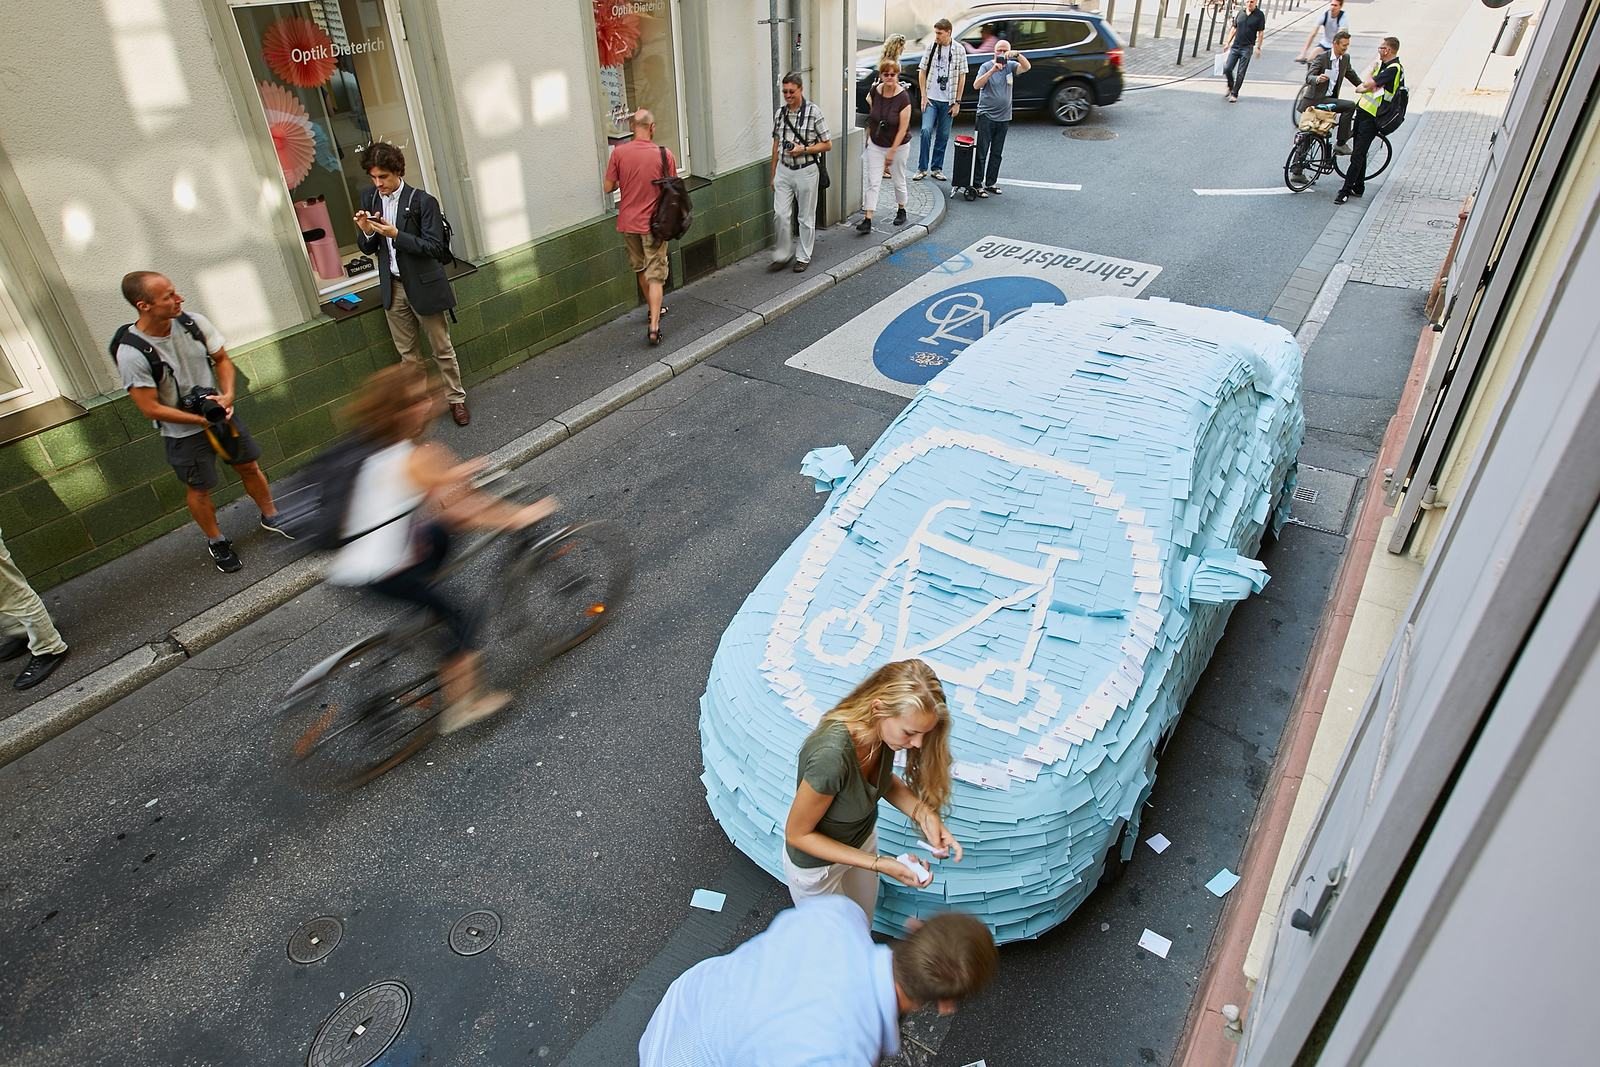 Komplett mit blauen und weißen Klebezetteln bekebtes, falsch parkendes Auto.